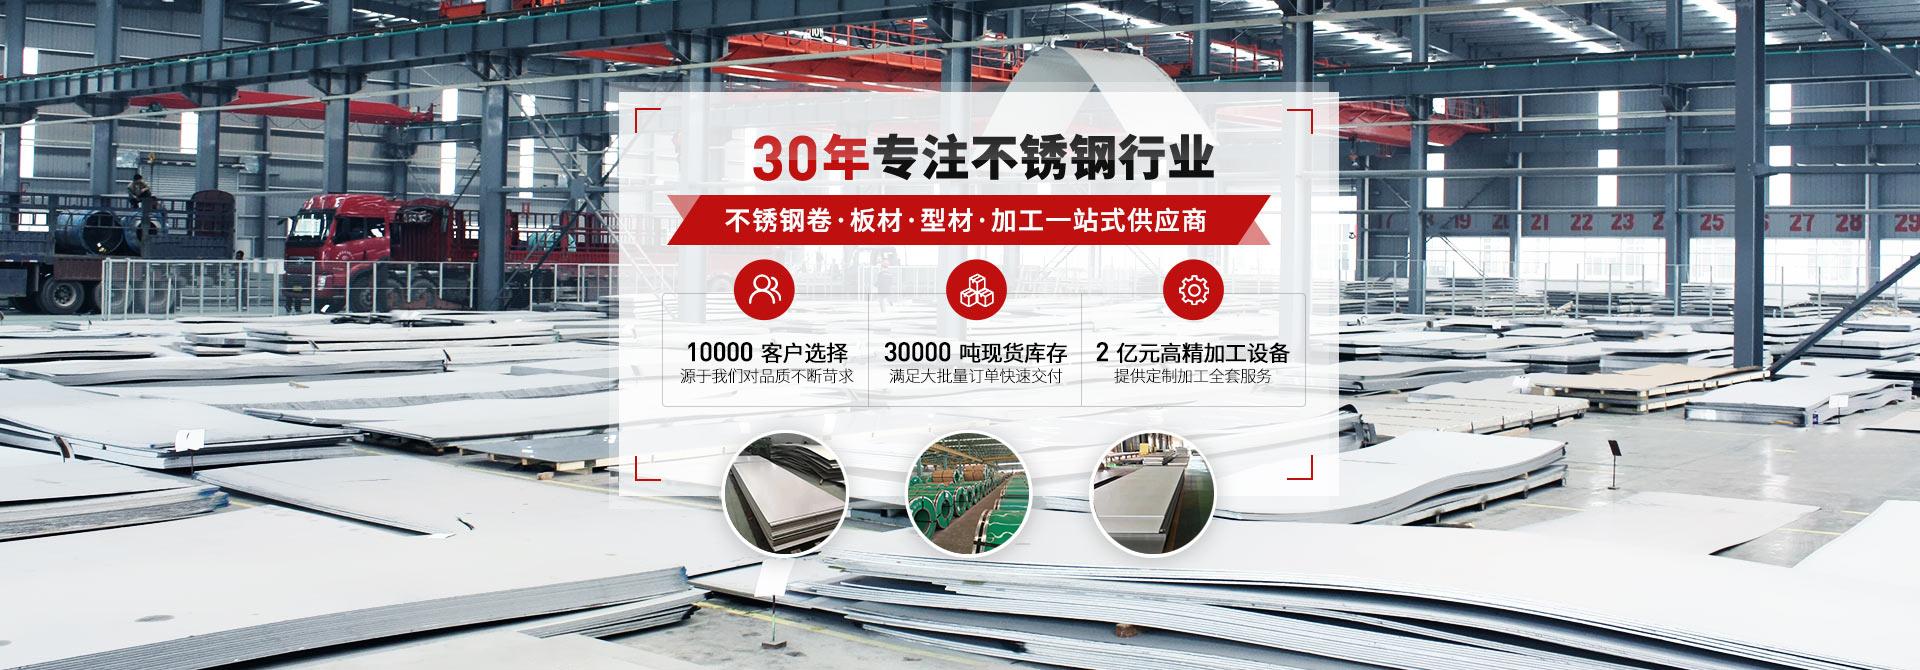 梦想不锈钢-30年专注梦想不锈钢行业